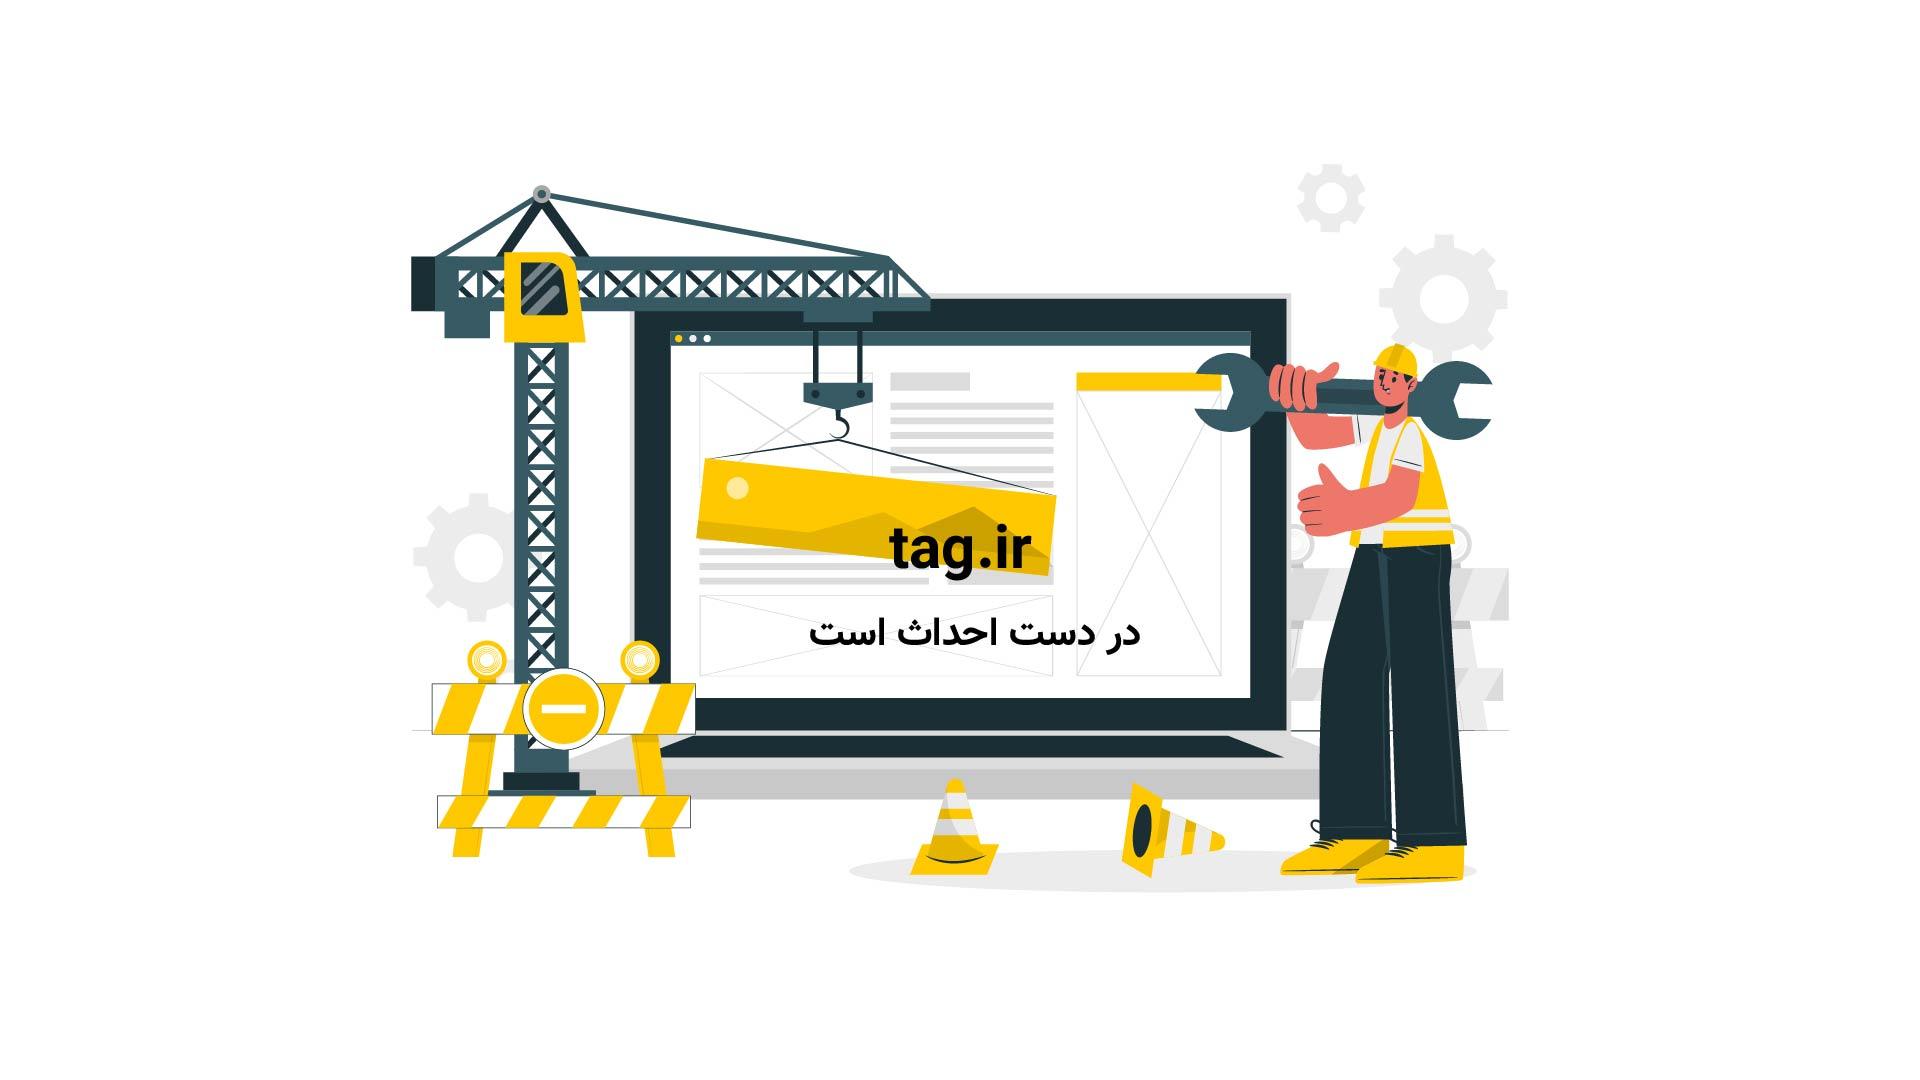 روستای سنگی لیوس در استان خوزستان | فیلم